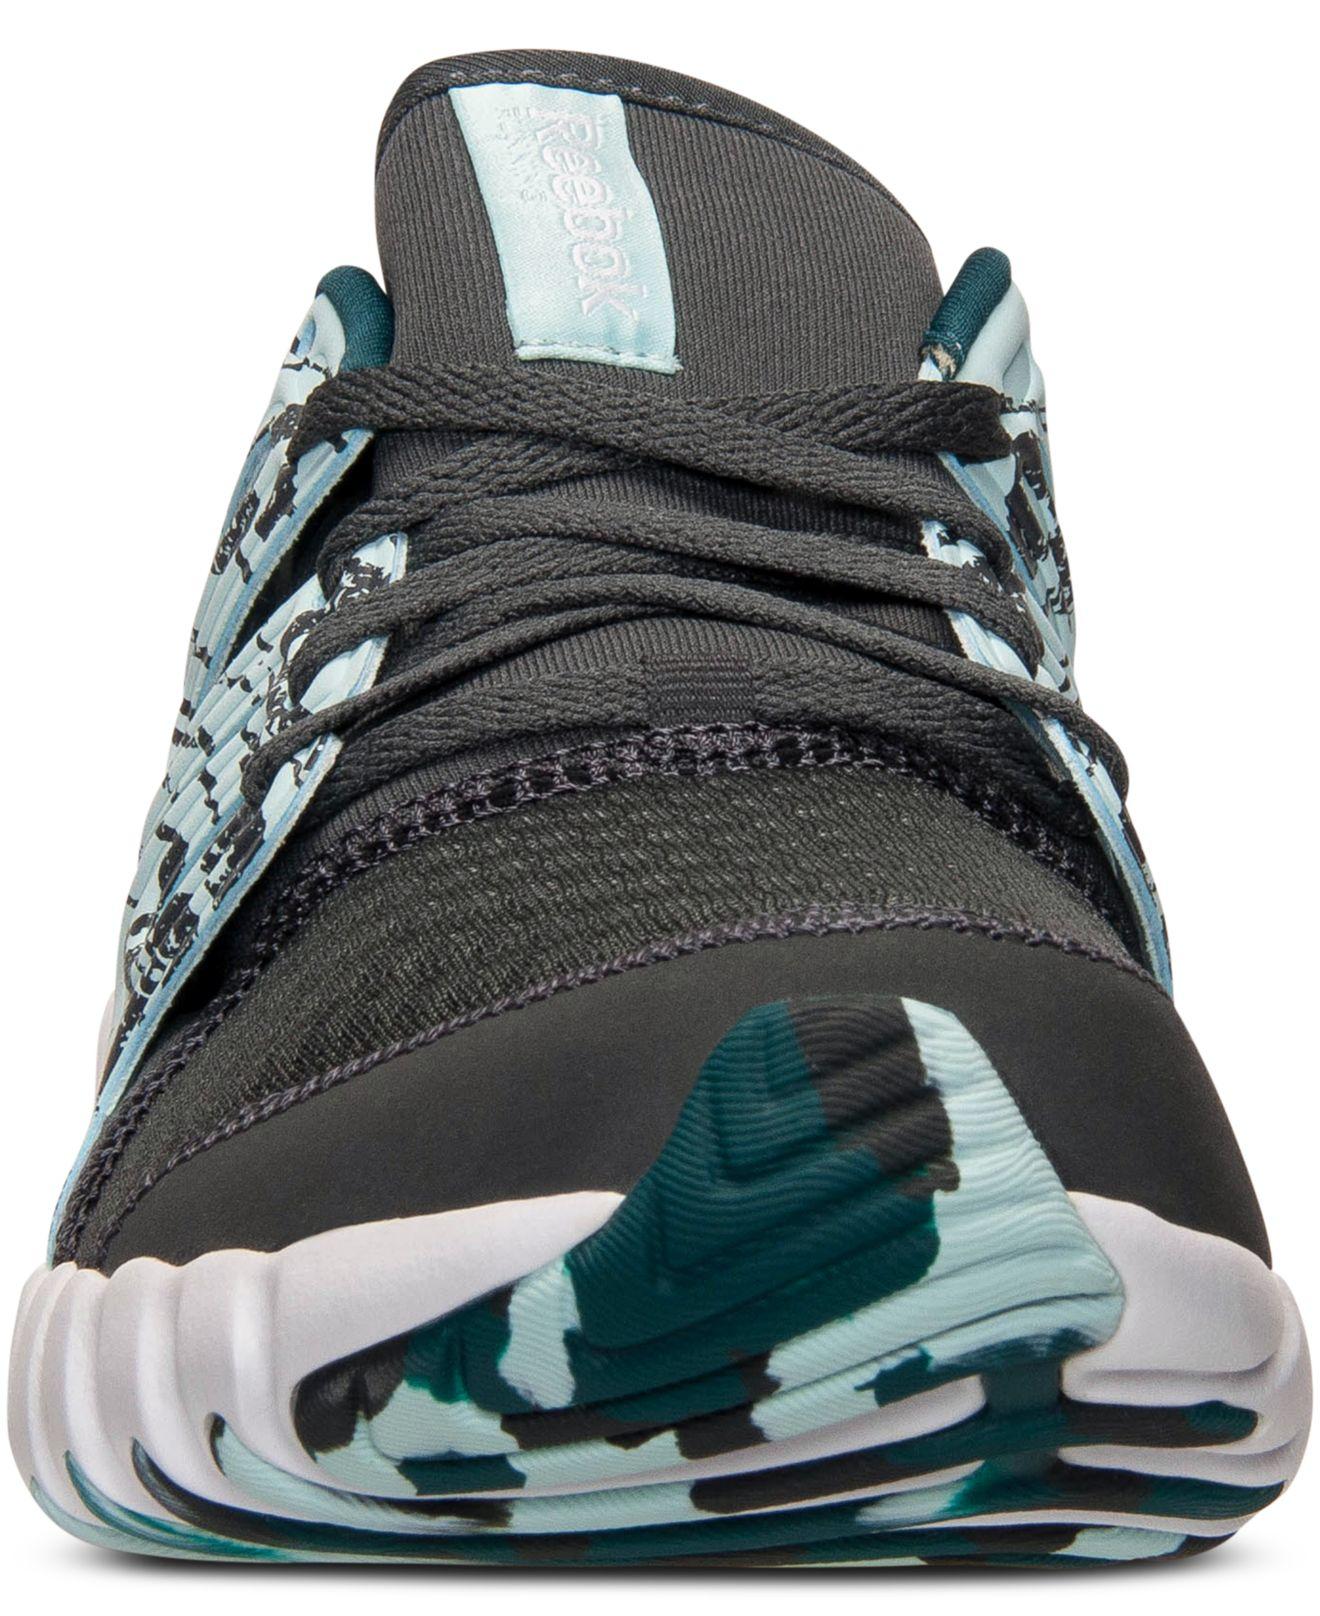 Lyst - Reebok Women s Twistform Running Sneakers From Finish Line in Blue a8fcd505314